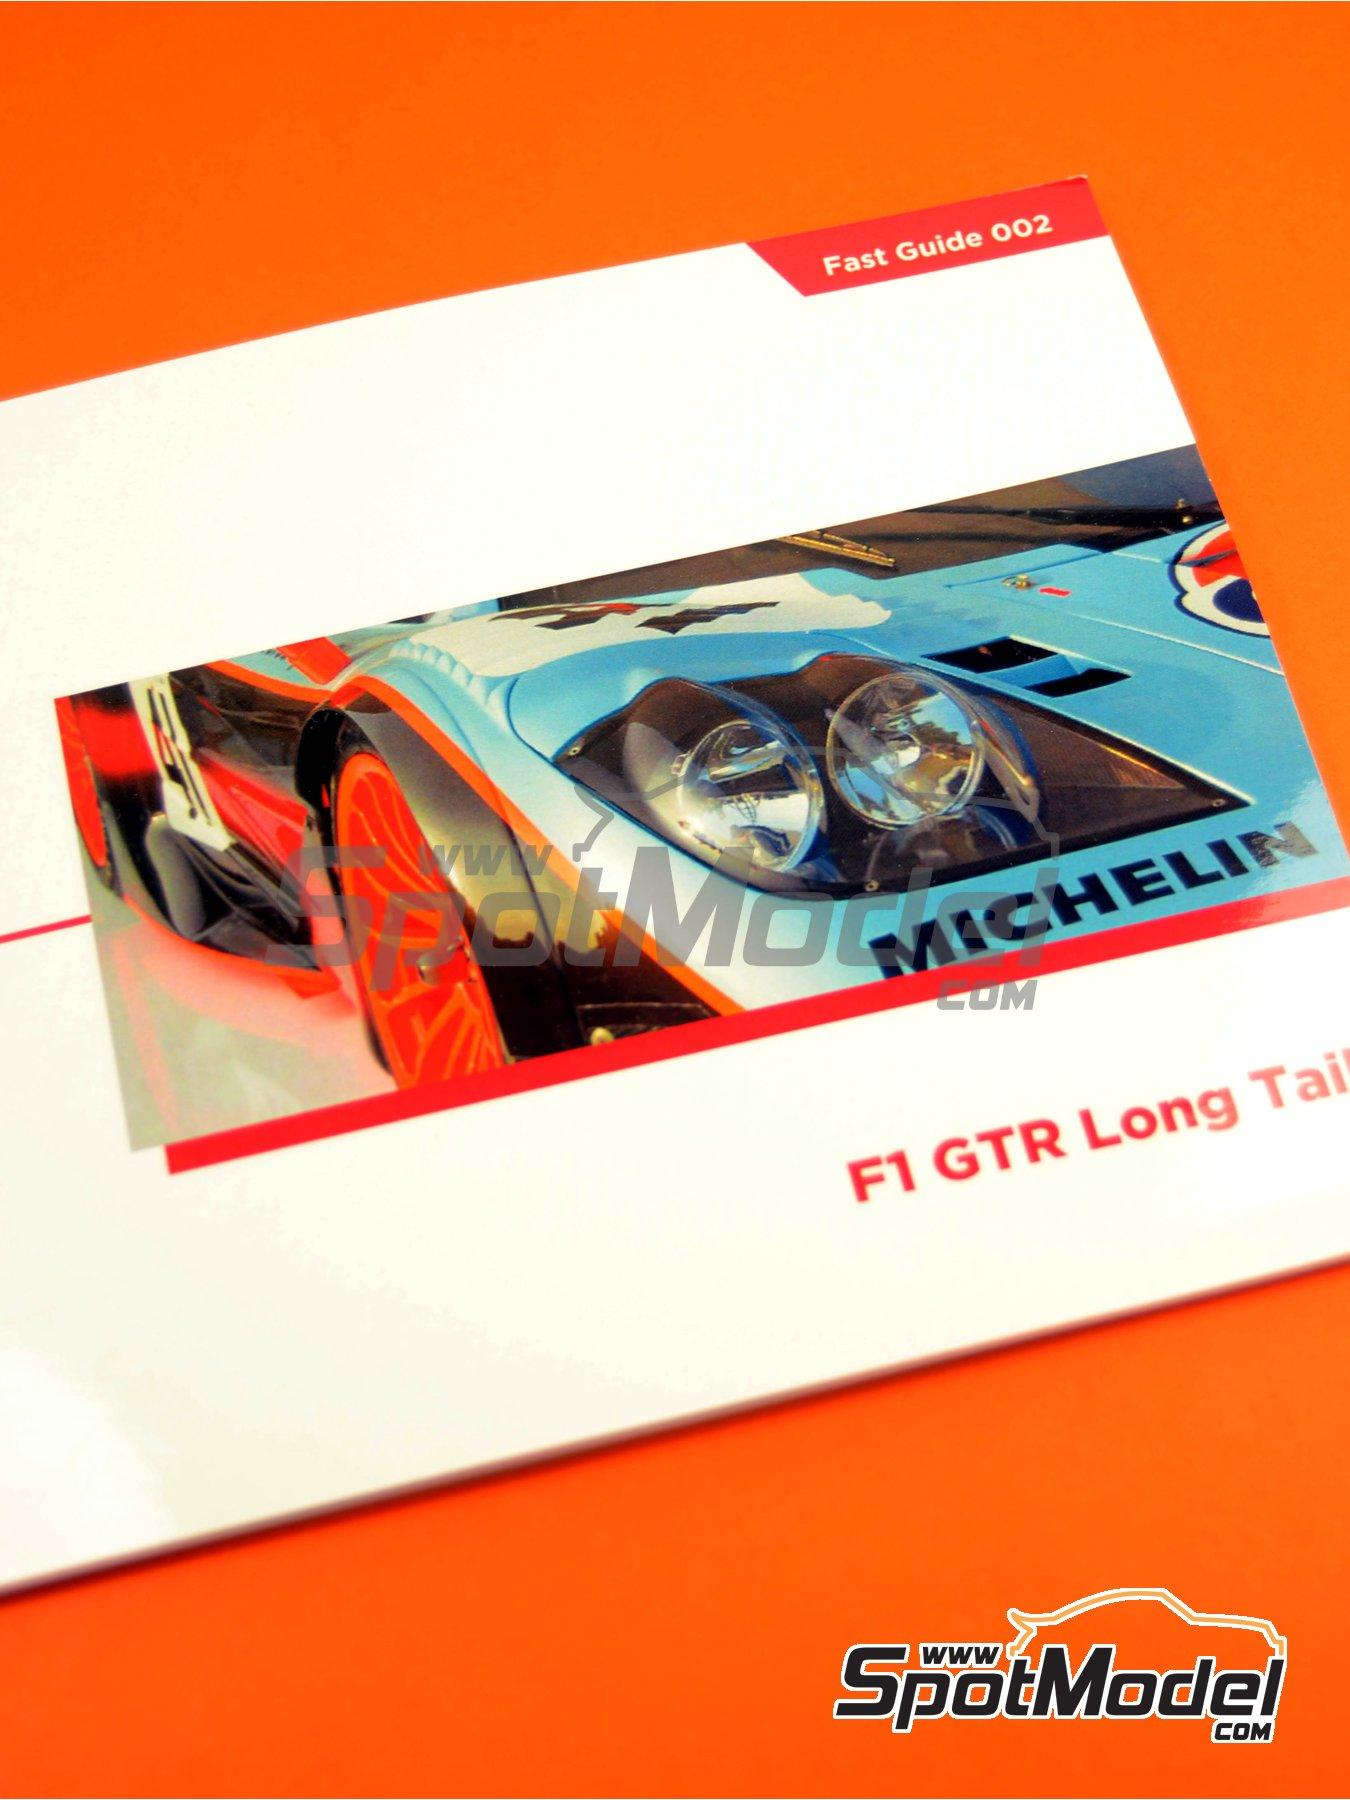 McLaren F1 GTR Long Tail | Libro de referencia fabricado por Komakai (ref.KOM-FG002) image